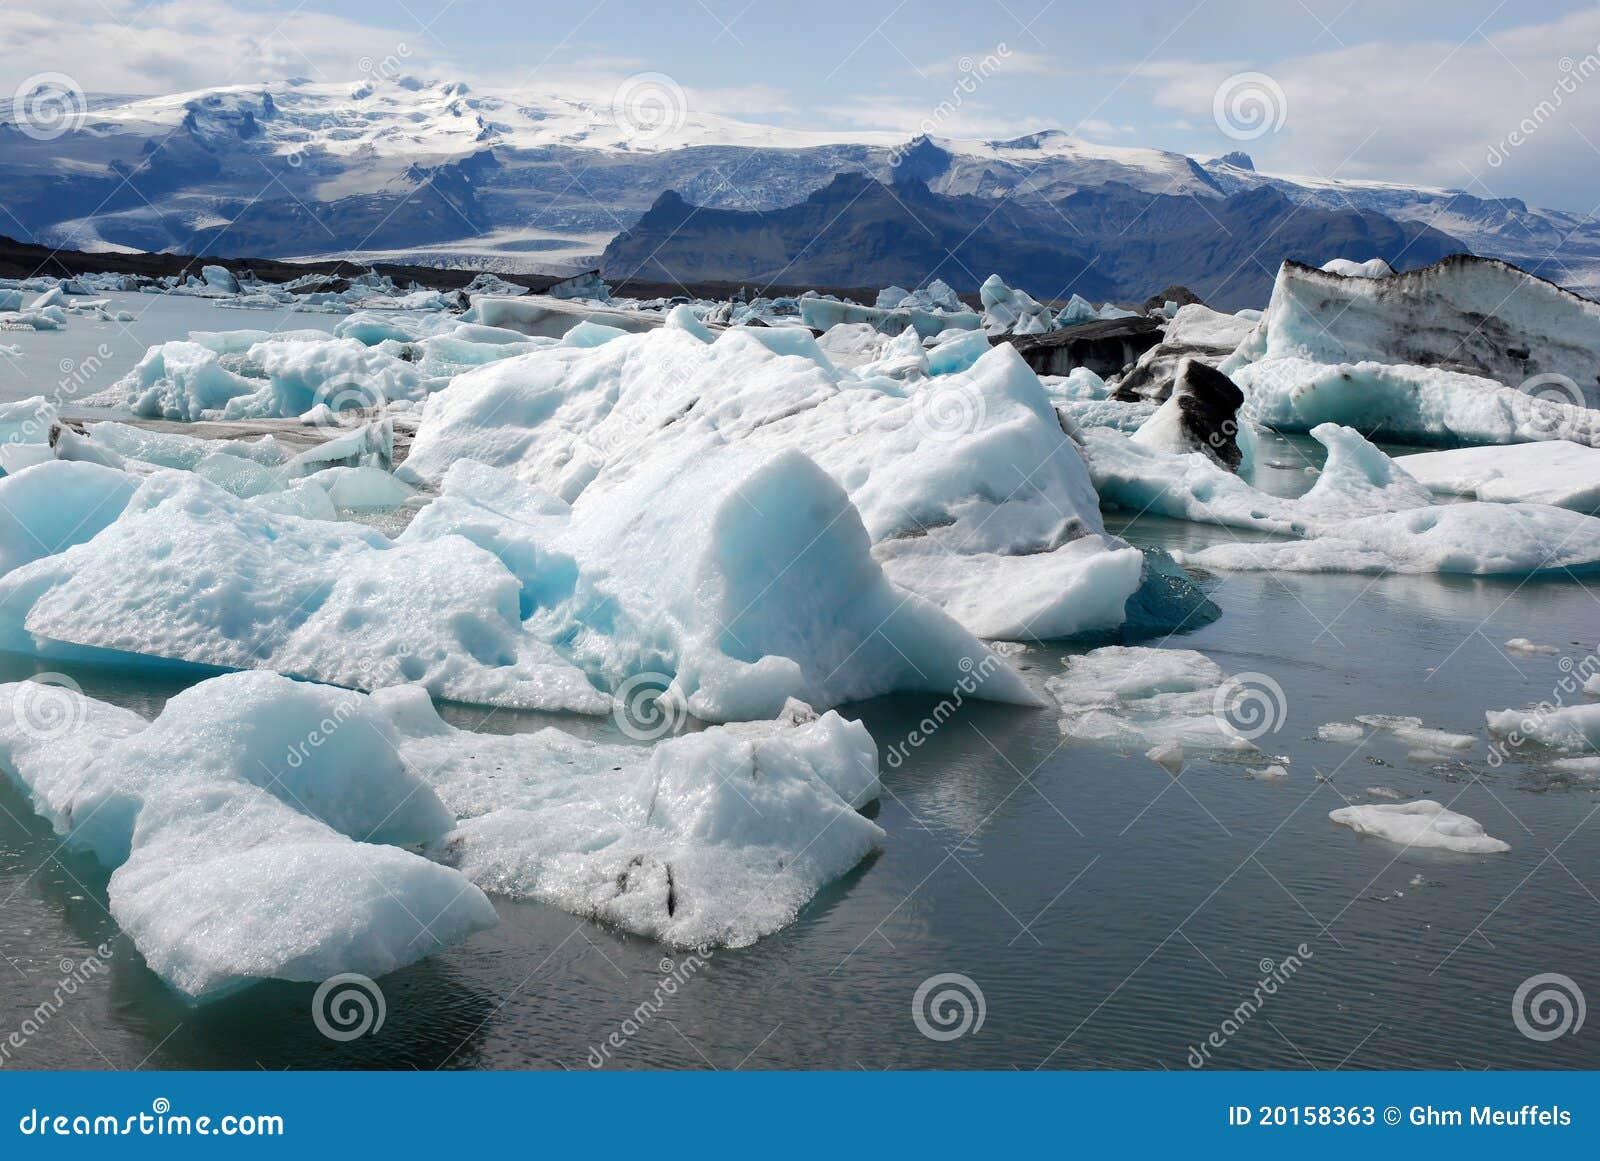 Jokulsarlon glacier and Glacier lagoon- Iceland